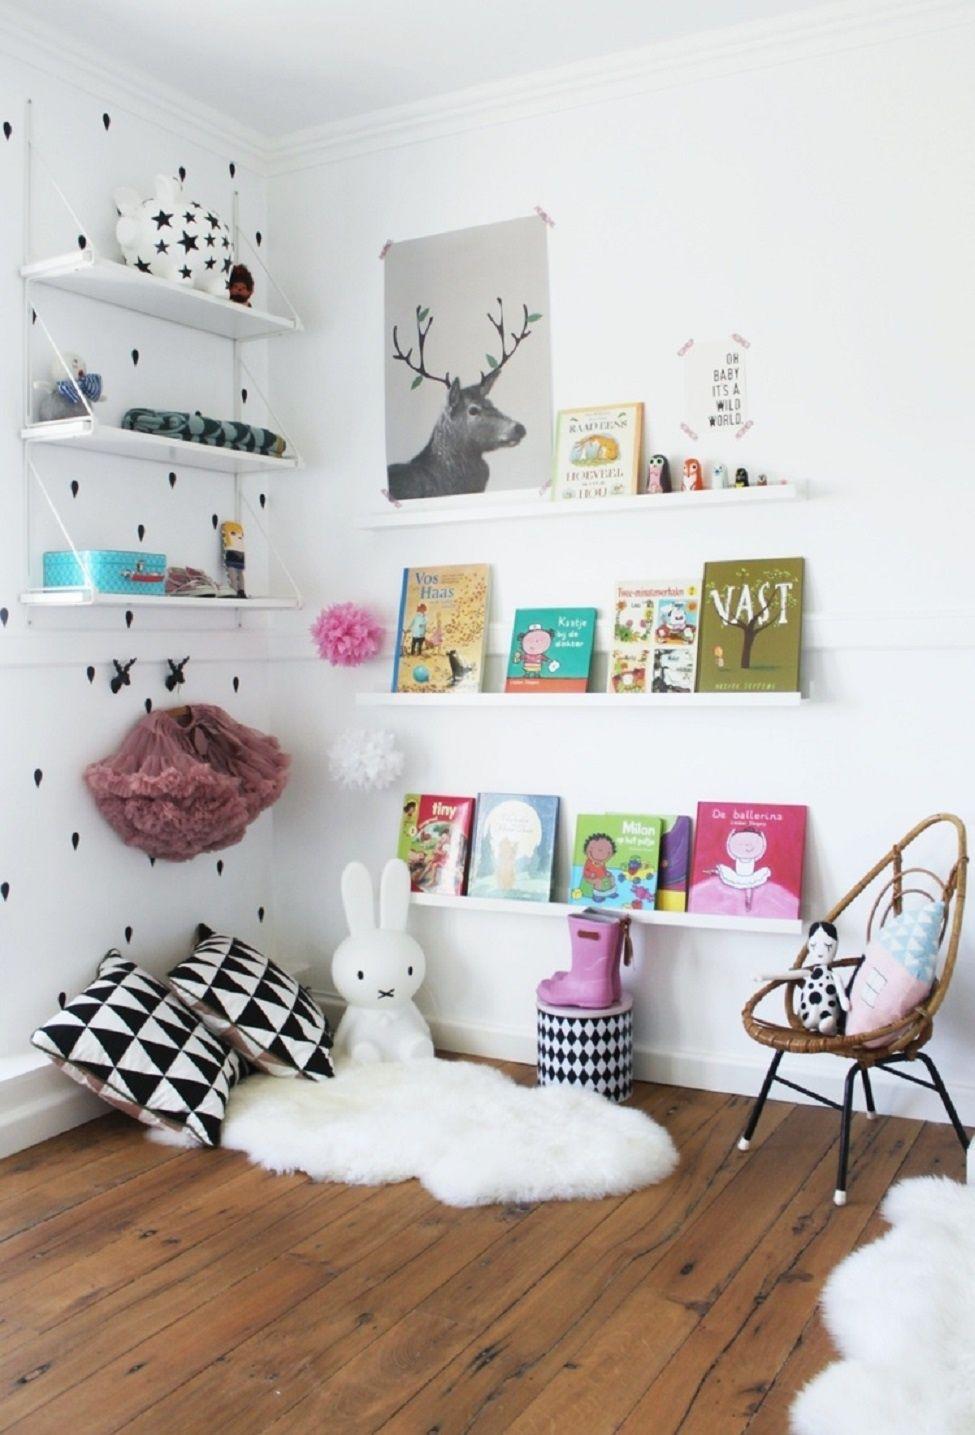 16 Best Scandinavian Bedrooms For Kids16 Best Scandinavian Bedrooms For Kids   For the Home   Pinterest  . Scandinavian Bedrooms Pinterest. Home Design Ideas